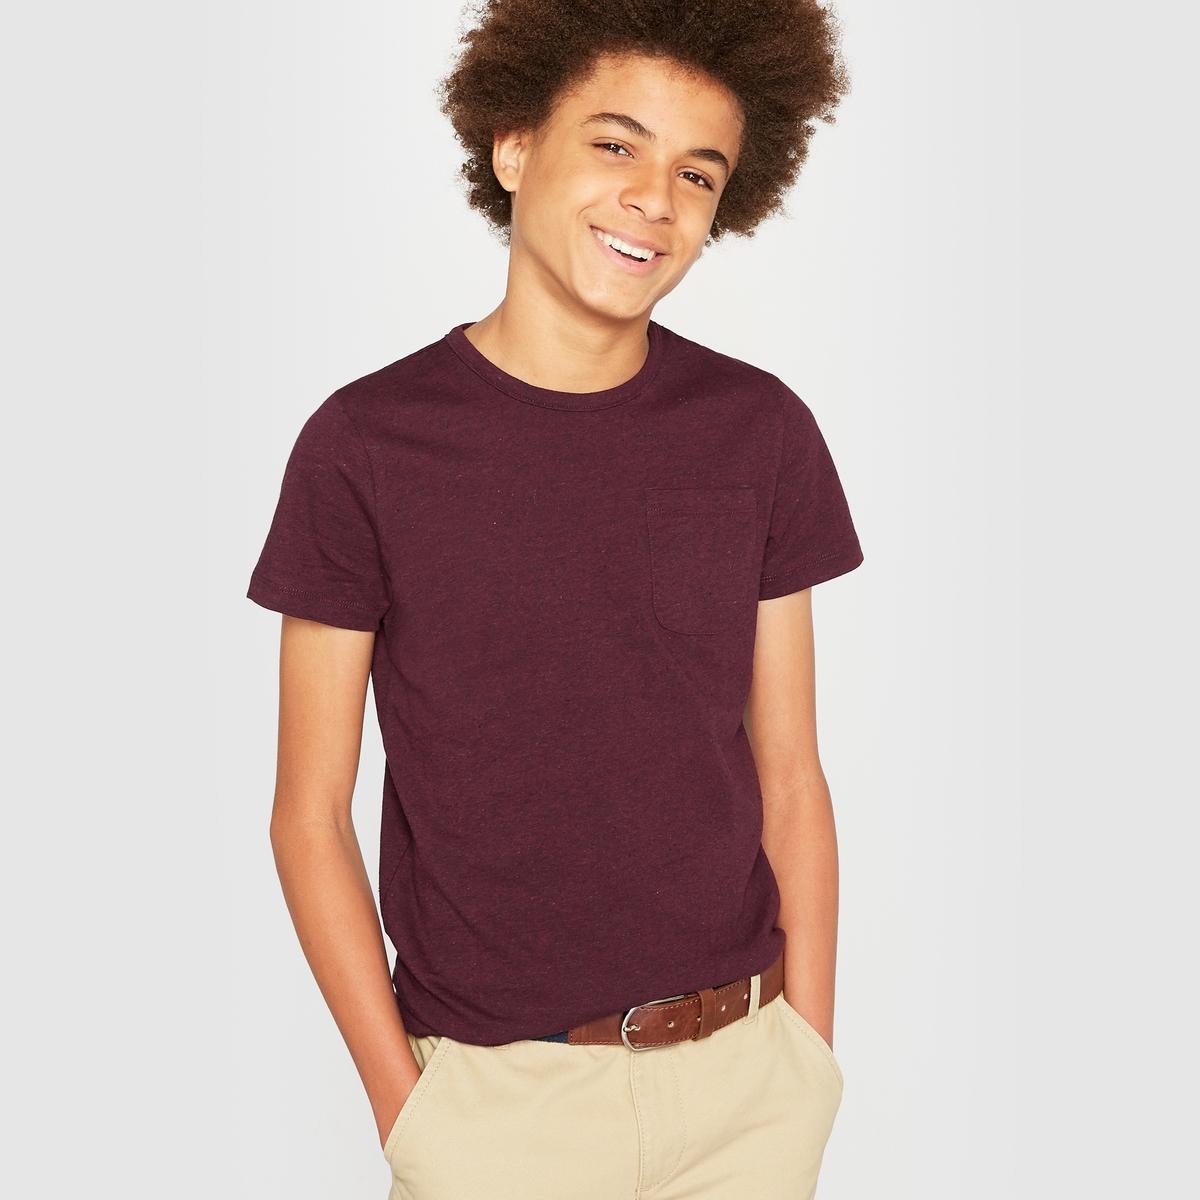 Футболка в крапинку с карманом, 10-16 лет